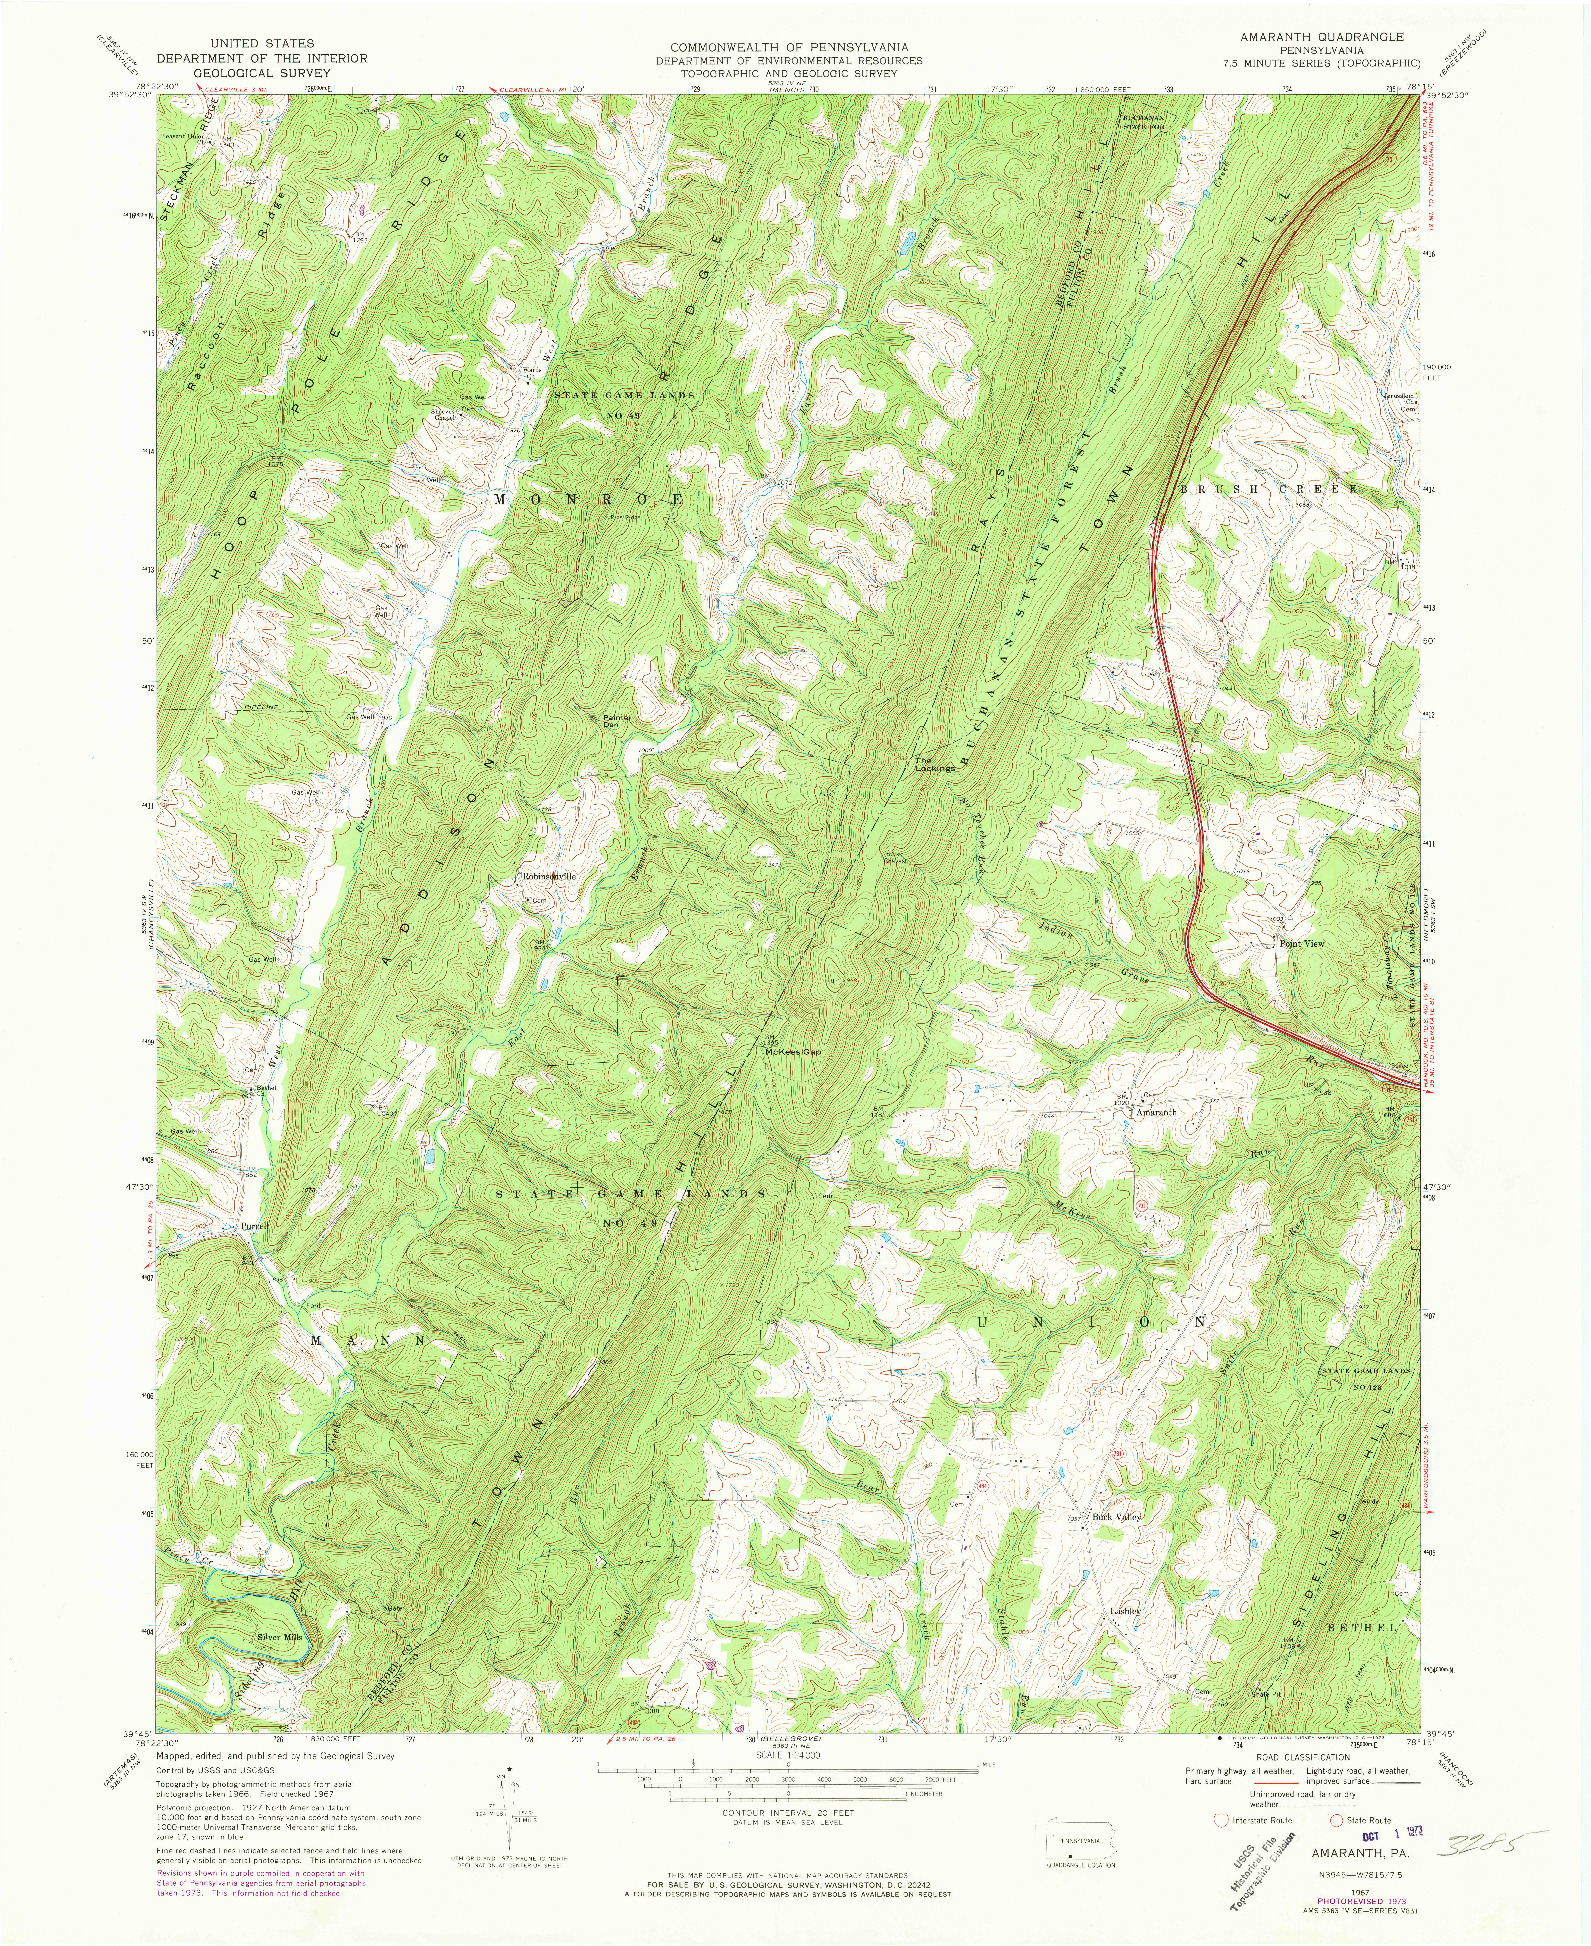 USGS 1:24000-SCALE QUADRANGLE FOR AMARANTH, PA 1967